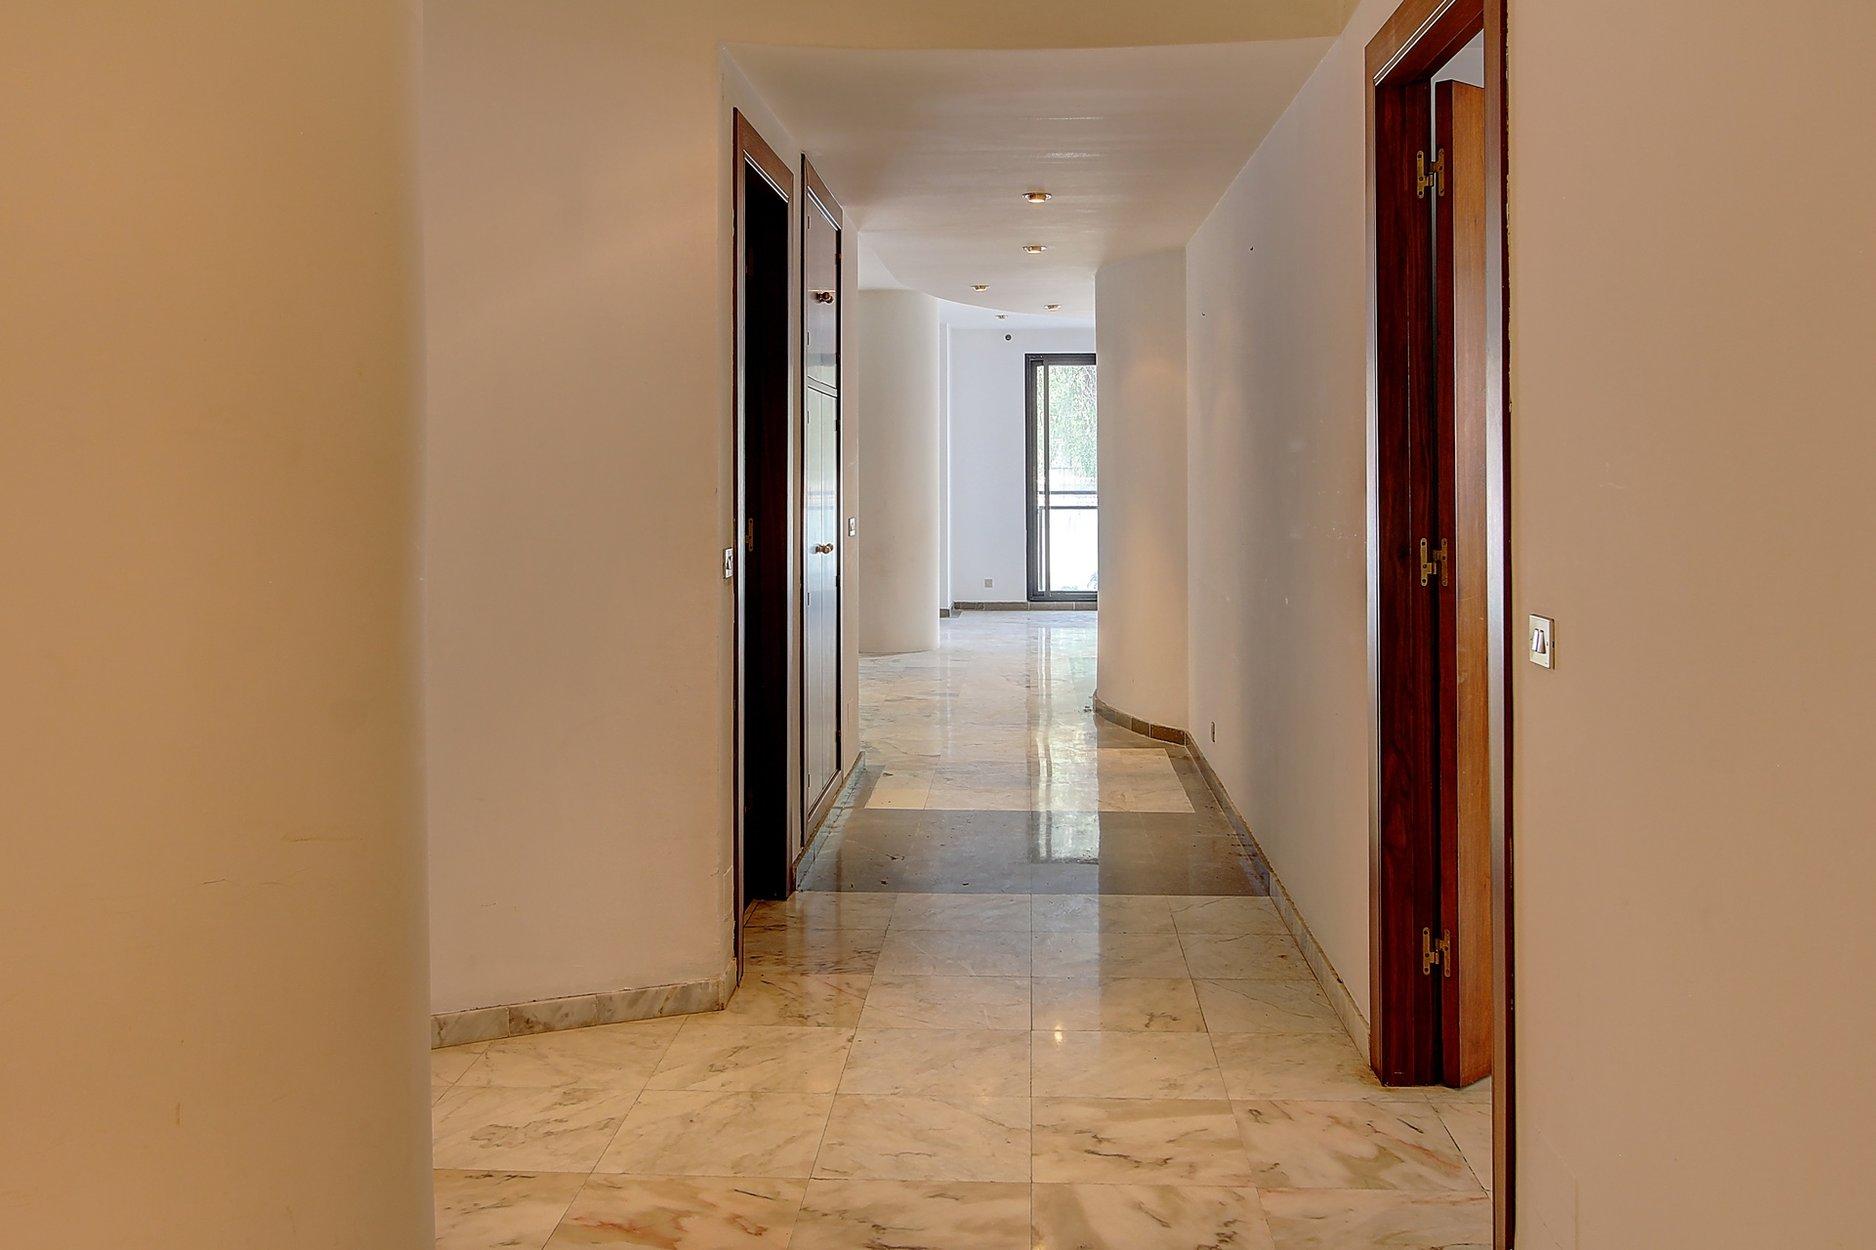 3 bedroom 2 bathroom apartment for sale in marbella mas for 3 bedroom 2 bathroom